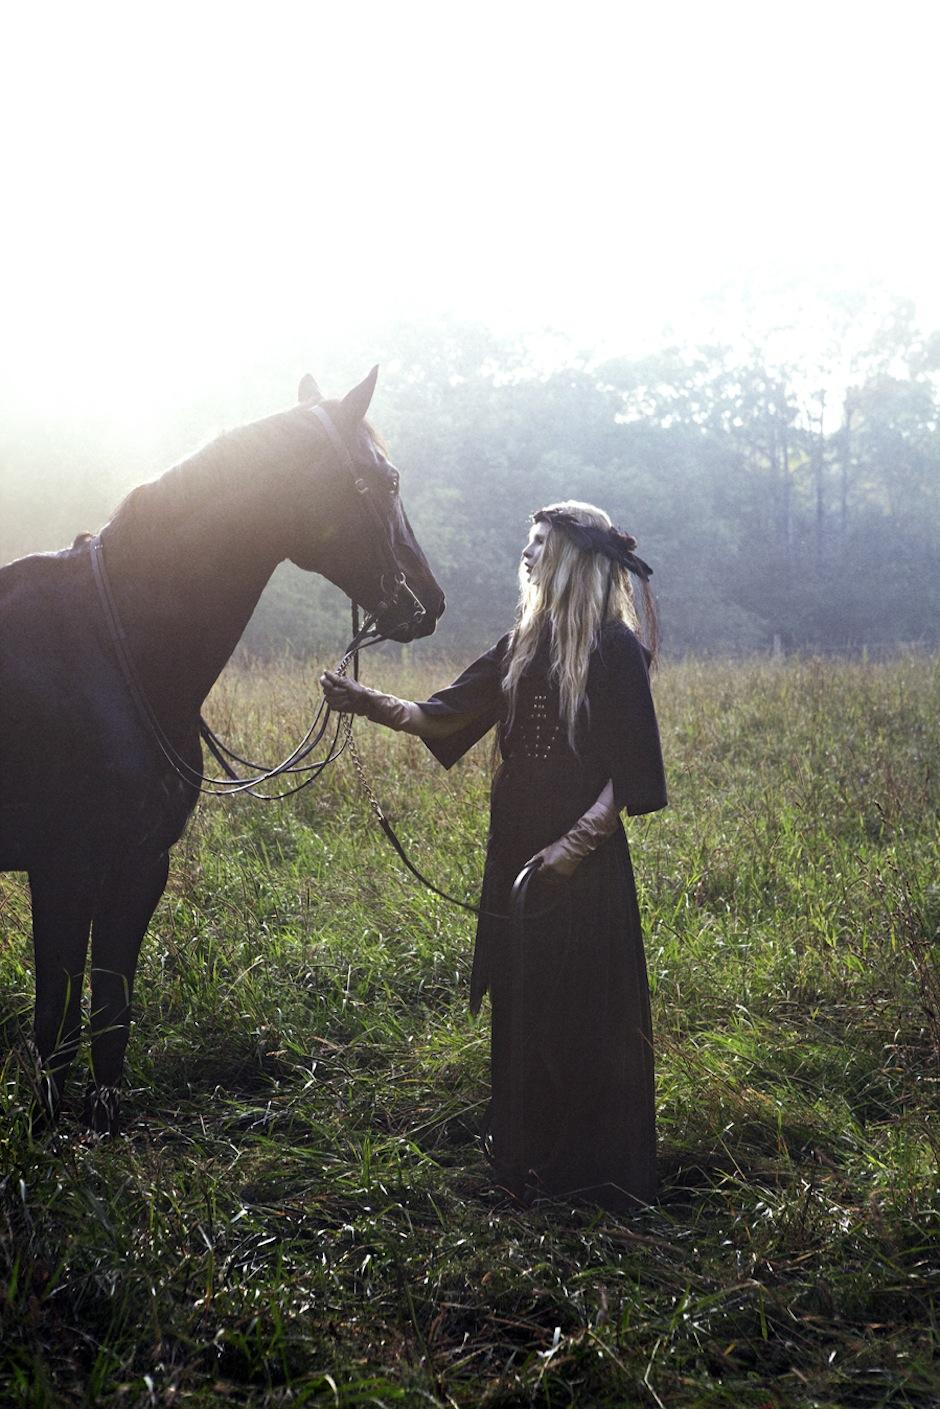 Christina Kruse by Jeff Elstone (Freyja - StyleZeitgeist #3 Fall 2012) 10.jpg